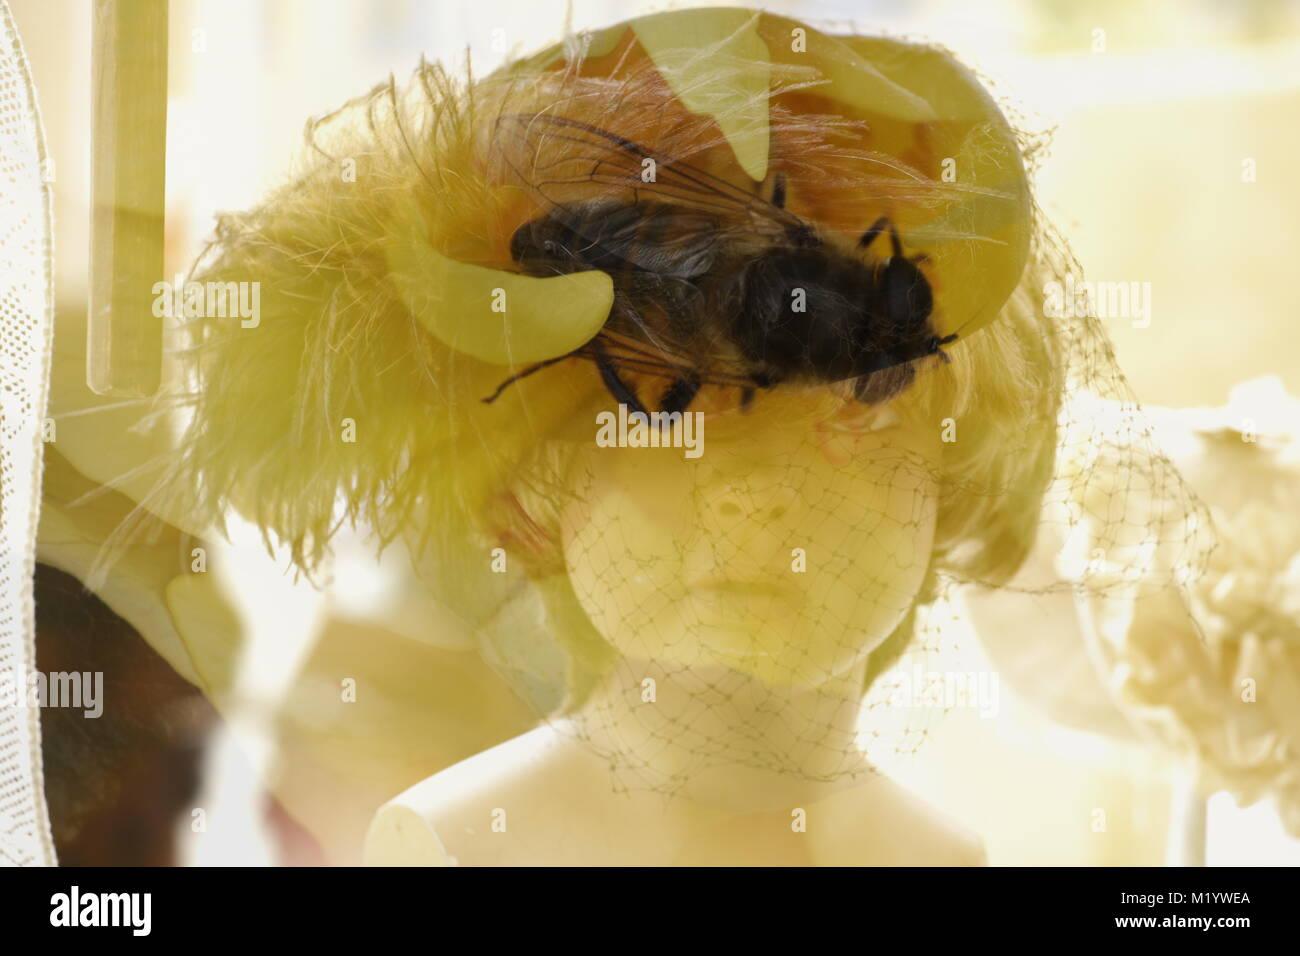 Double Exposure Puppen Kopf mit Insekt Stockbild